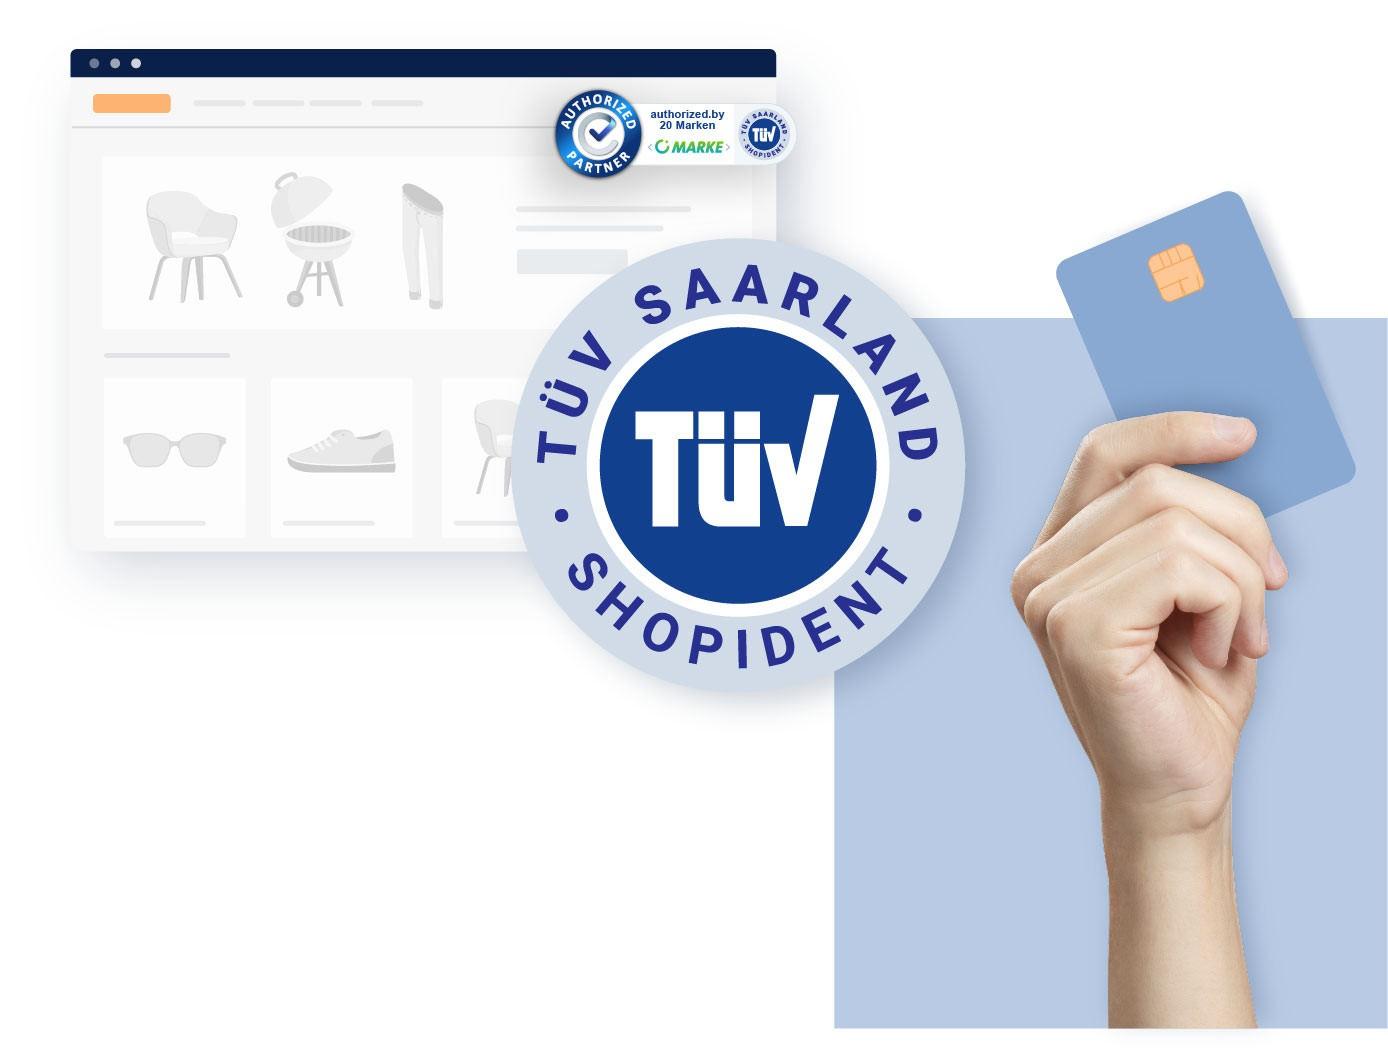 Identitätsprüfung im eCommerce mit authorized.by® und TÜV-ShopIdent